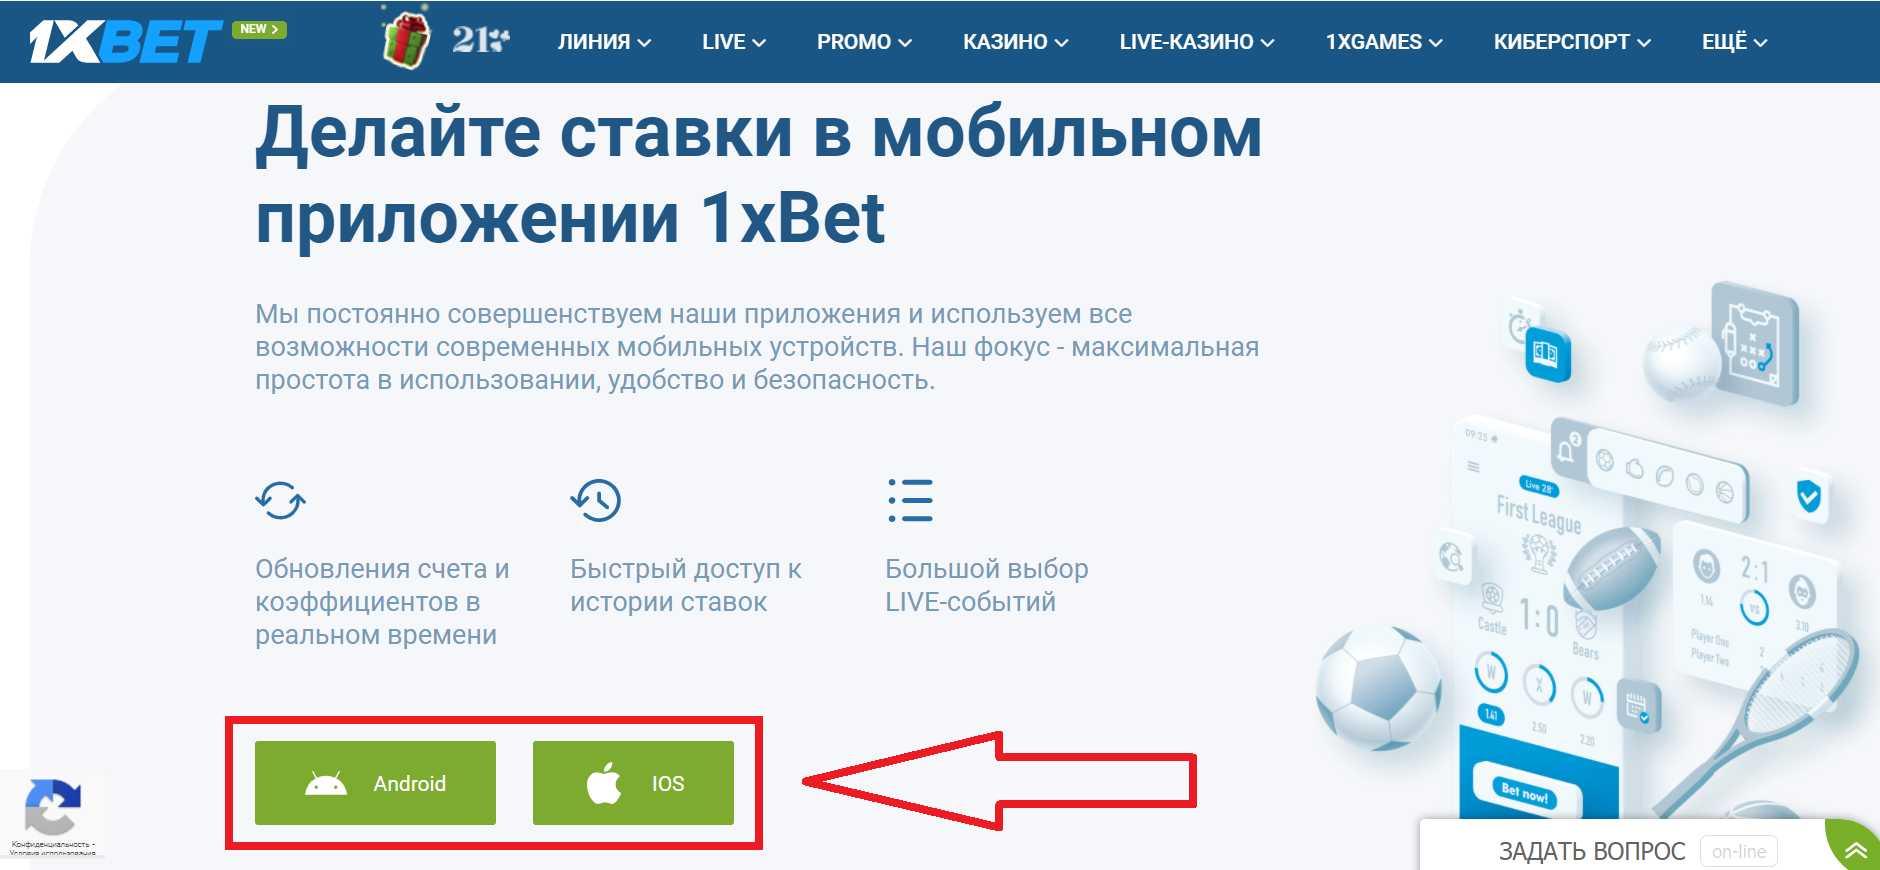 Где скачать mobi приложение от проверенной конторы 1xBet?